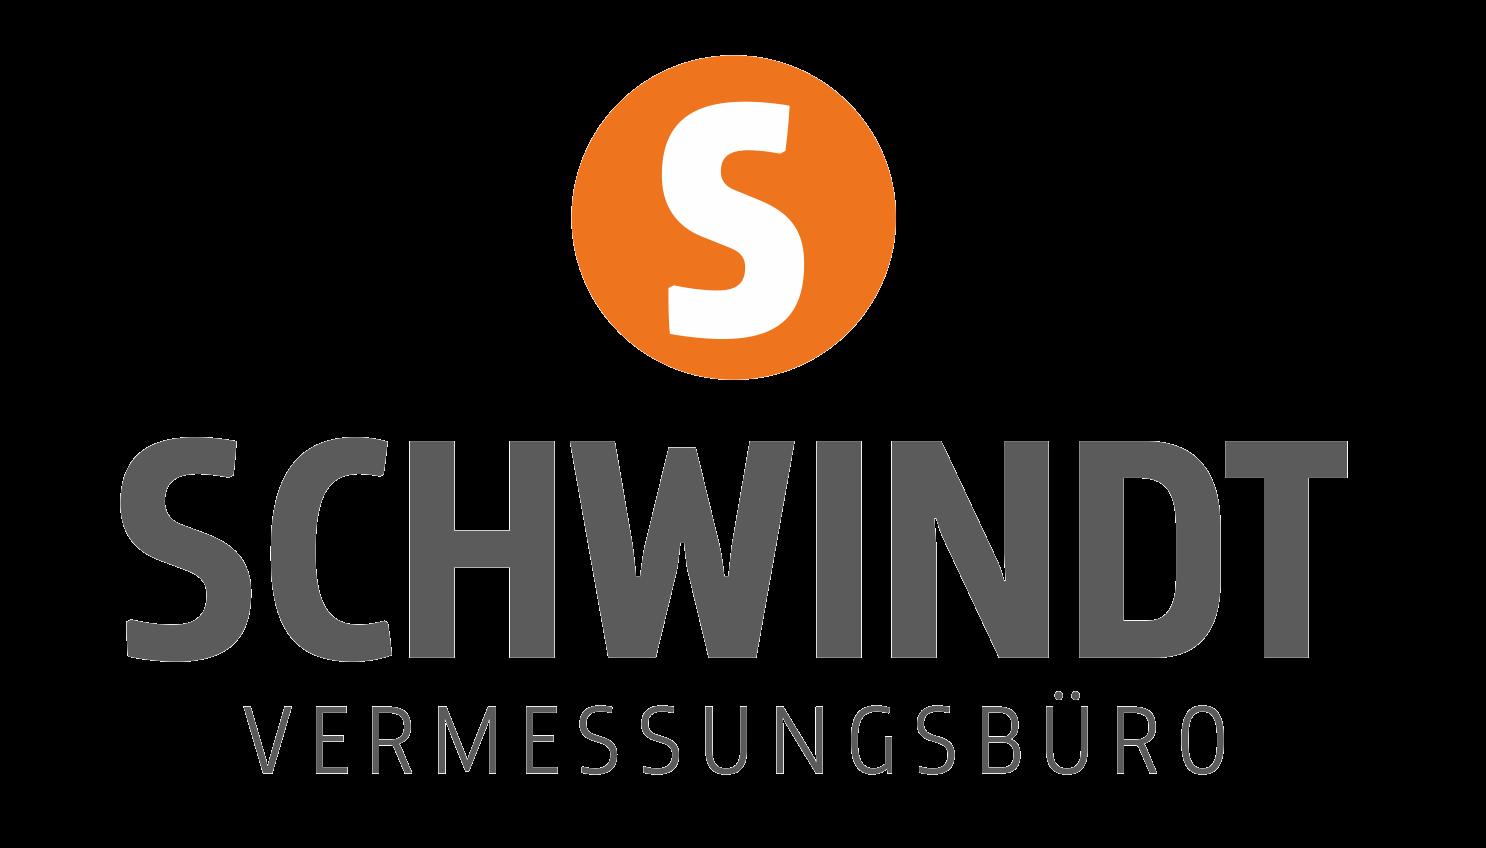 Vermessungsbüro Schwindt – Öffentlich bestellter Vermessungsingenieur | Beratender Ingenieur